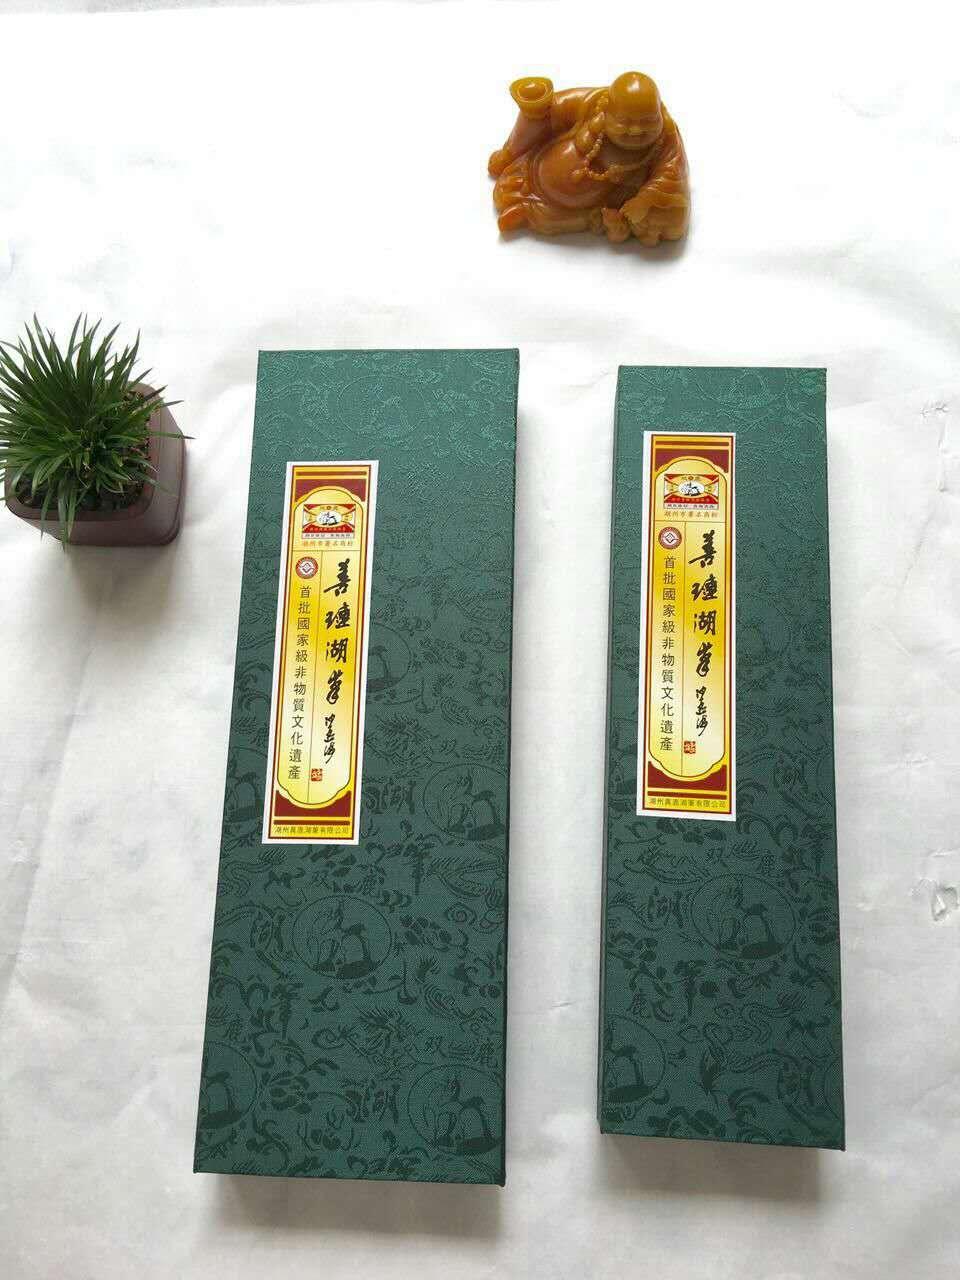 集美毛笔礼盒-厦门性价比高的毛笔哪里买